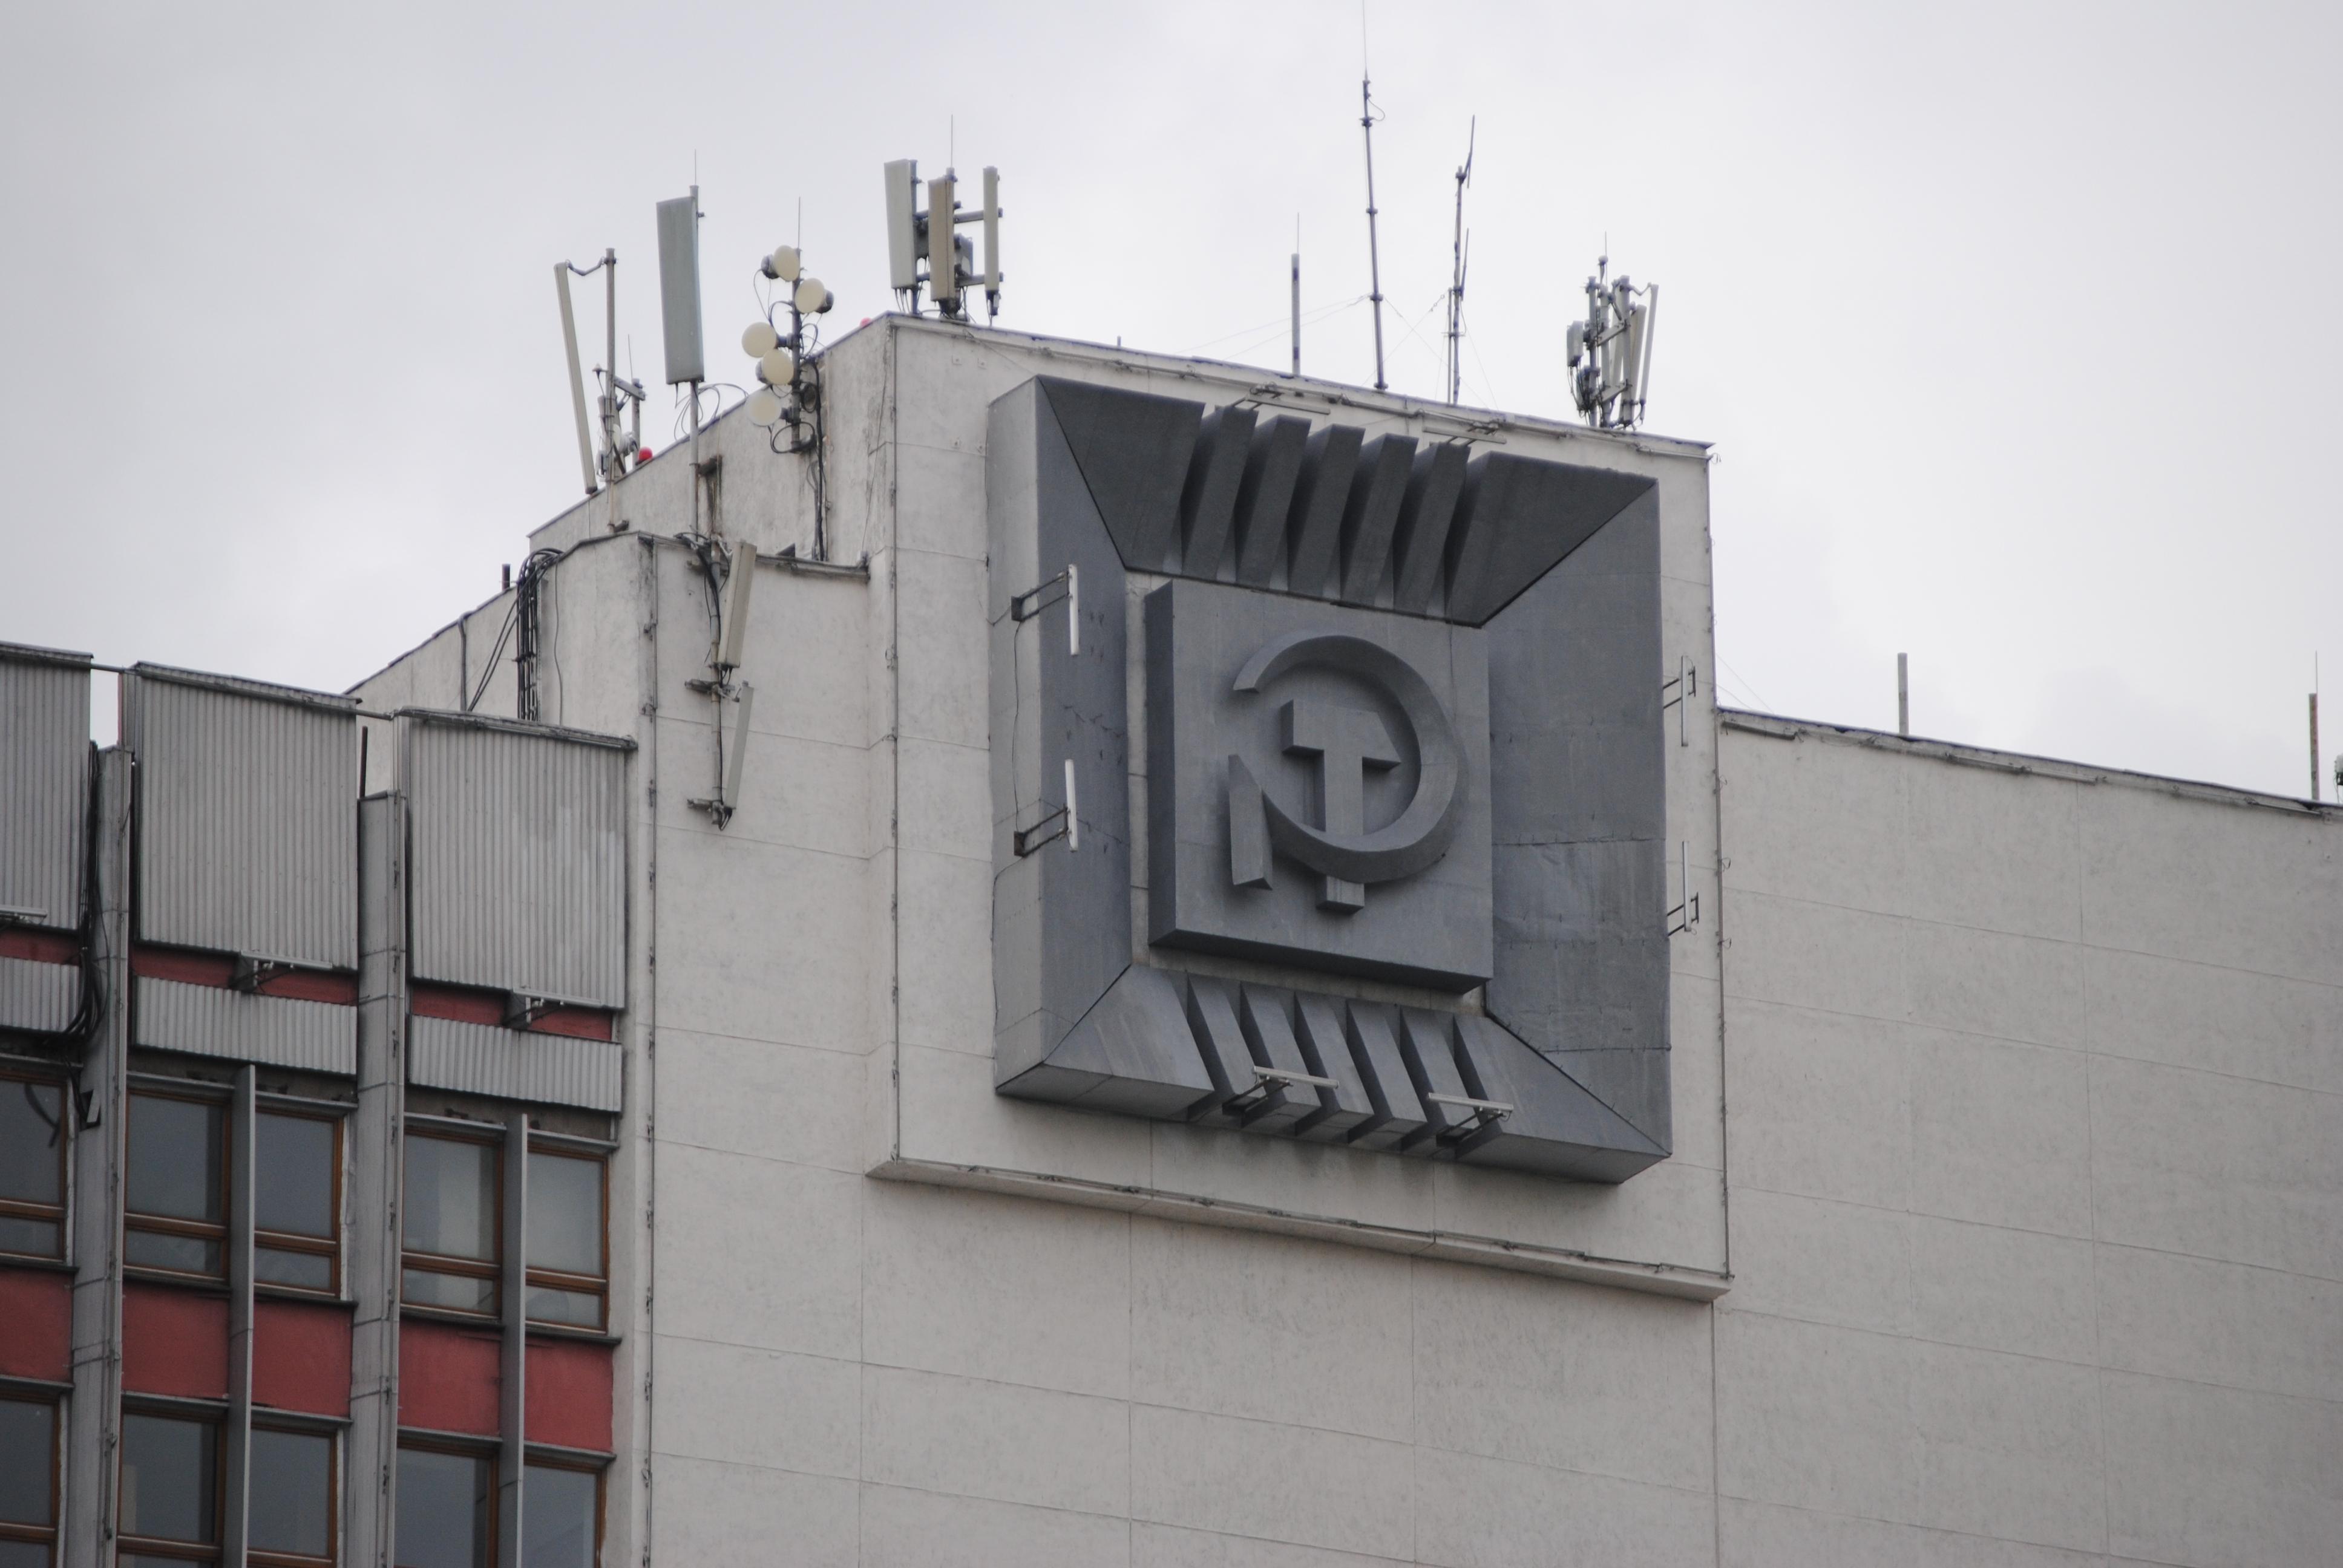 Emblema con la hoz y el martillo en un edificio de Minsk